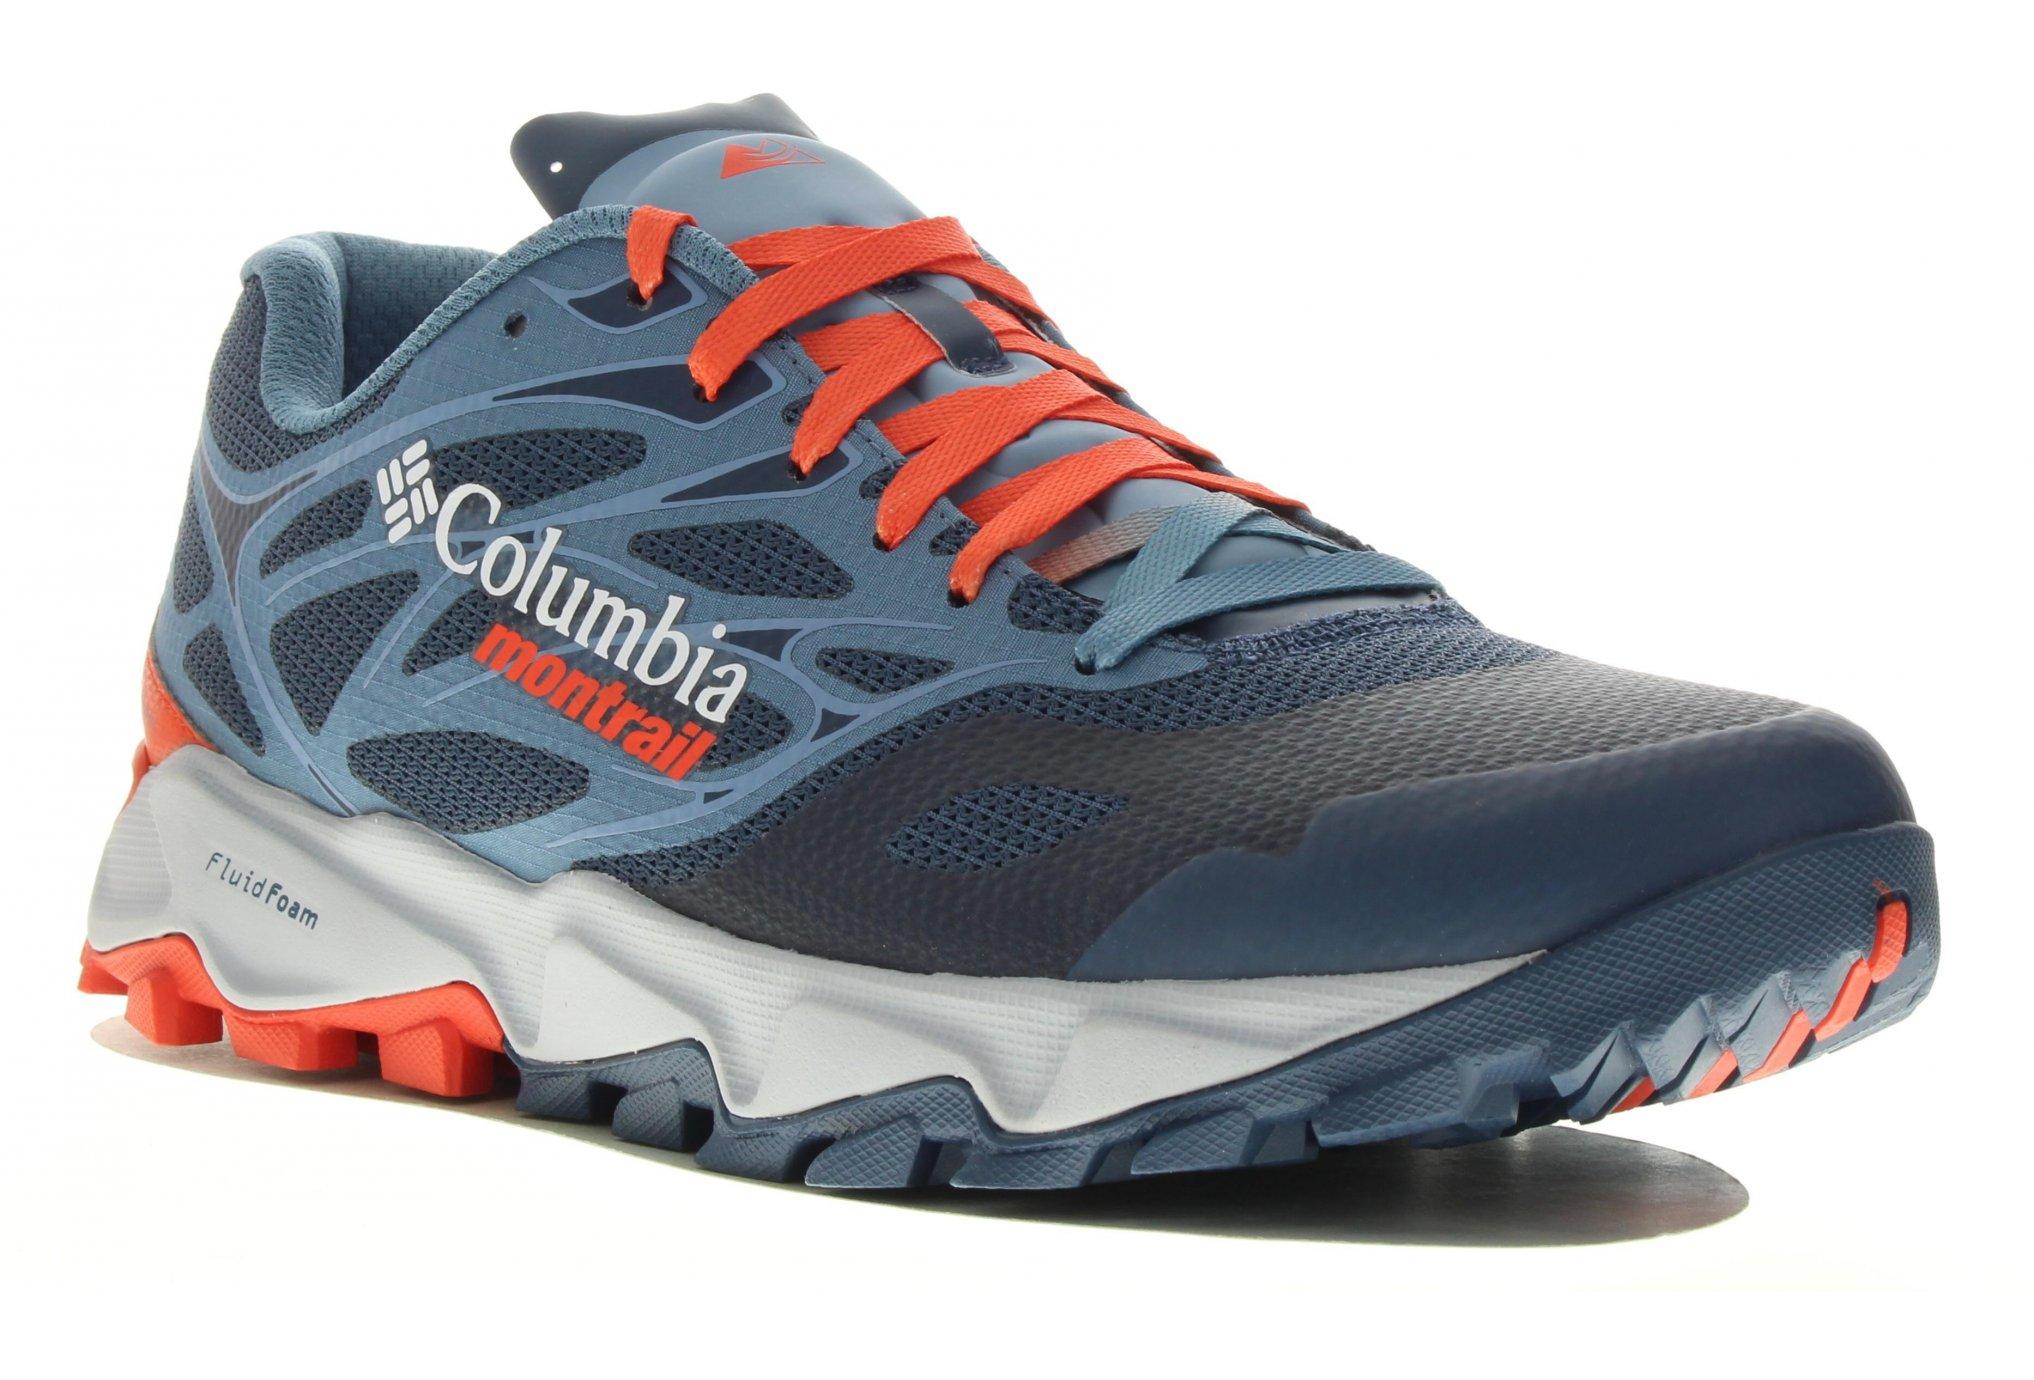 Columbia Montrail Trans Alps II F.K.T. M Diététique Chaussures homme